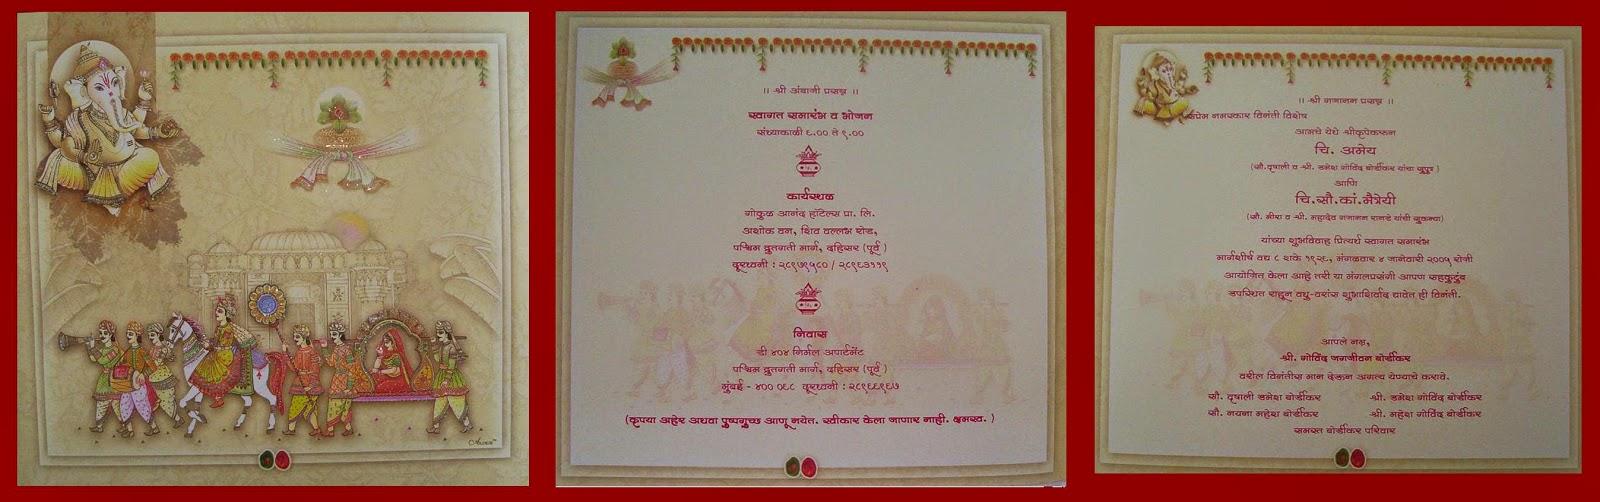 Wedding Invitation Wording Wedding Invitation Wordings In Marathi